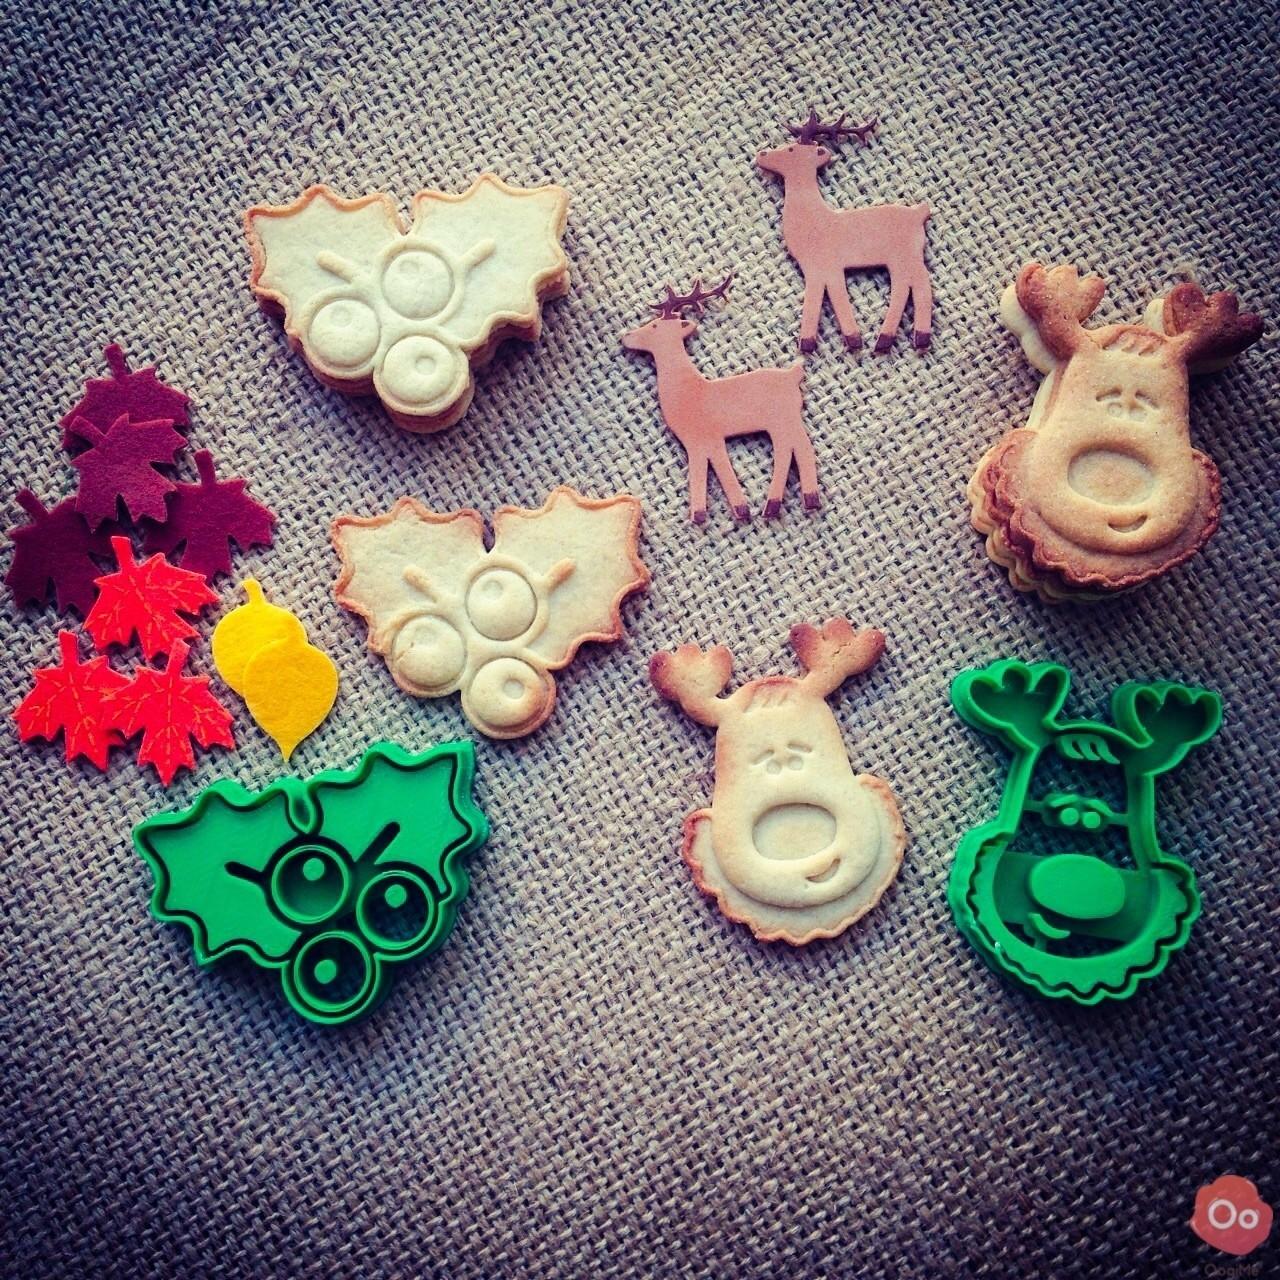 Rudolph_the_Reindeer_Cookie_Cutter_3.jpg Télécharger fichier STL gratuit Emporte Pièce Rudolph le Renne • Objet à imprimer en 3D, OogiMe